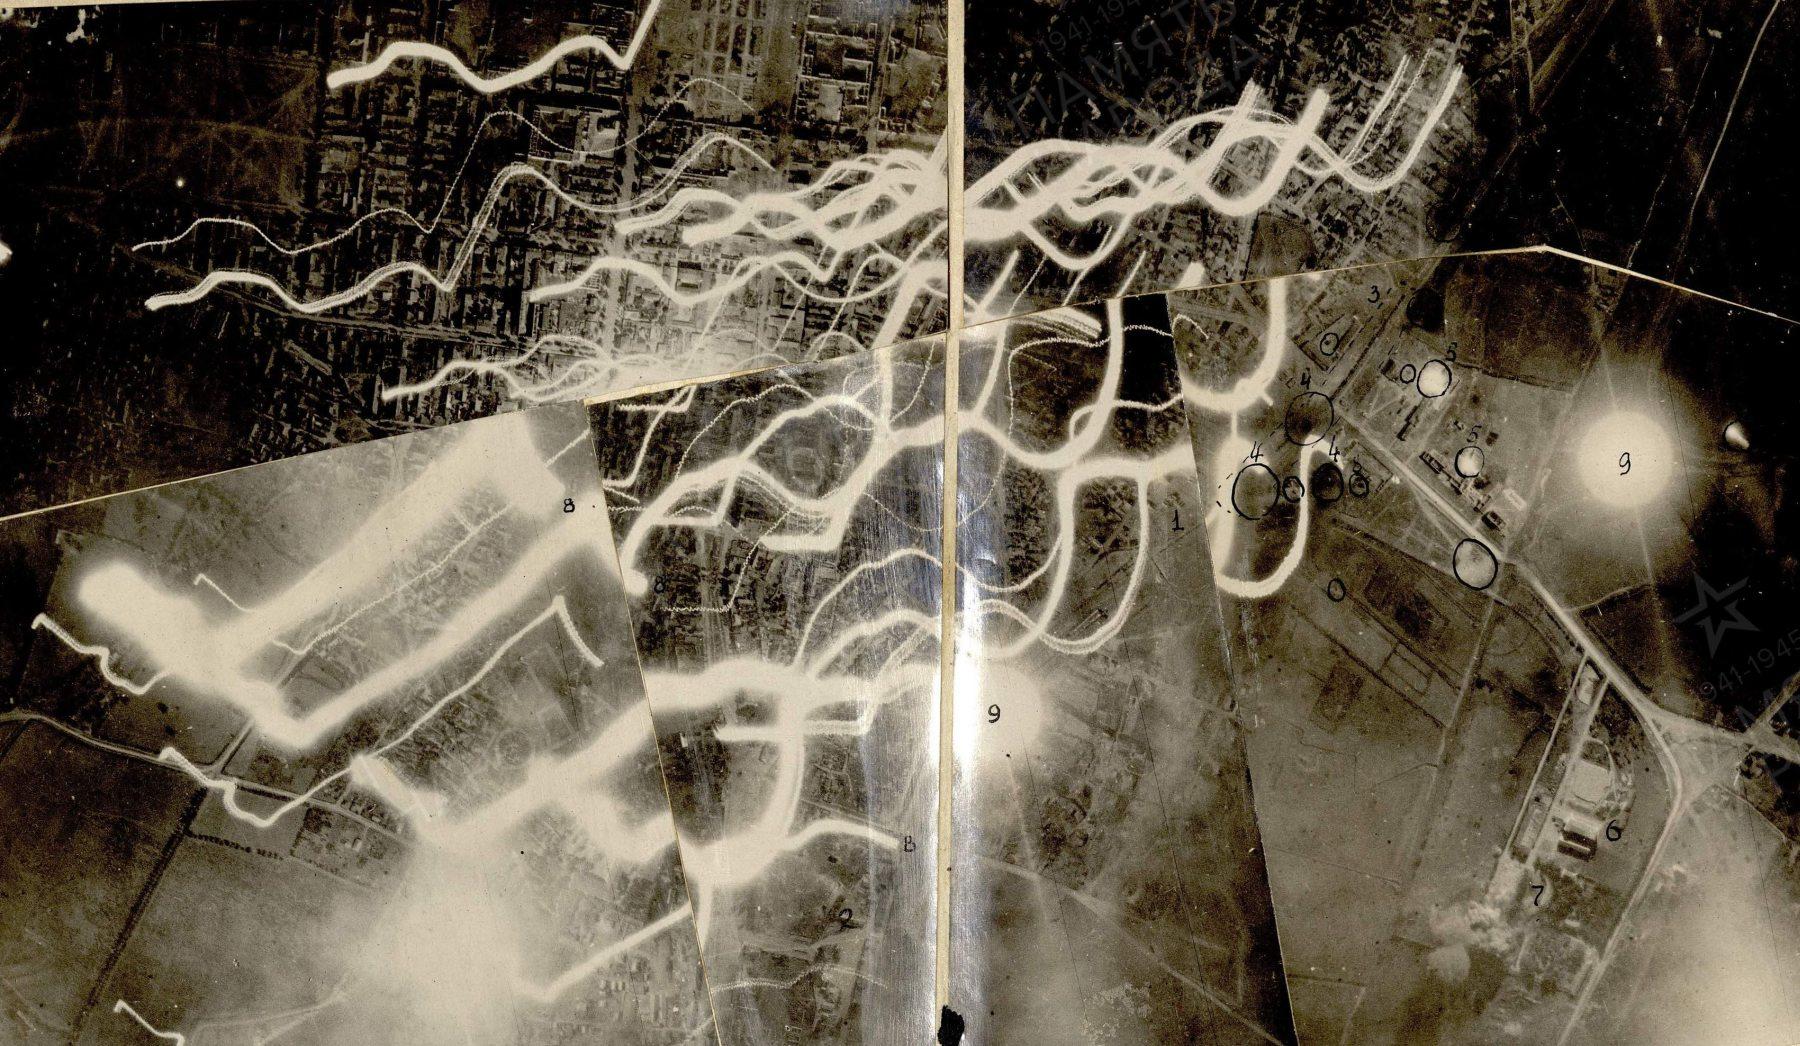 Фрагмент предыдущей фотосхемы, на которой видны многочисленные очаги пожаров (выглядят как белые полосы в результате движения самолёта во время съёмки) на территории Кишинёва. Для ориентира - сверху по центру - Центральный Рынок, снизу по центру - железнодорожный вокзал.